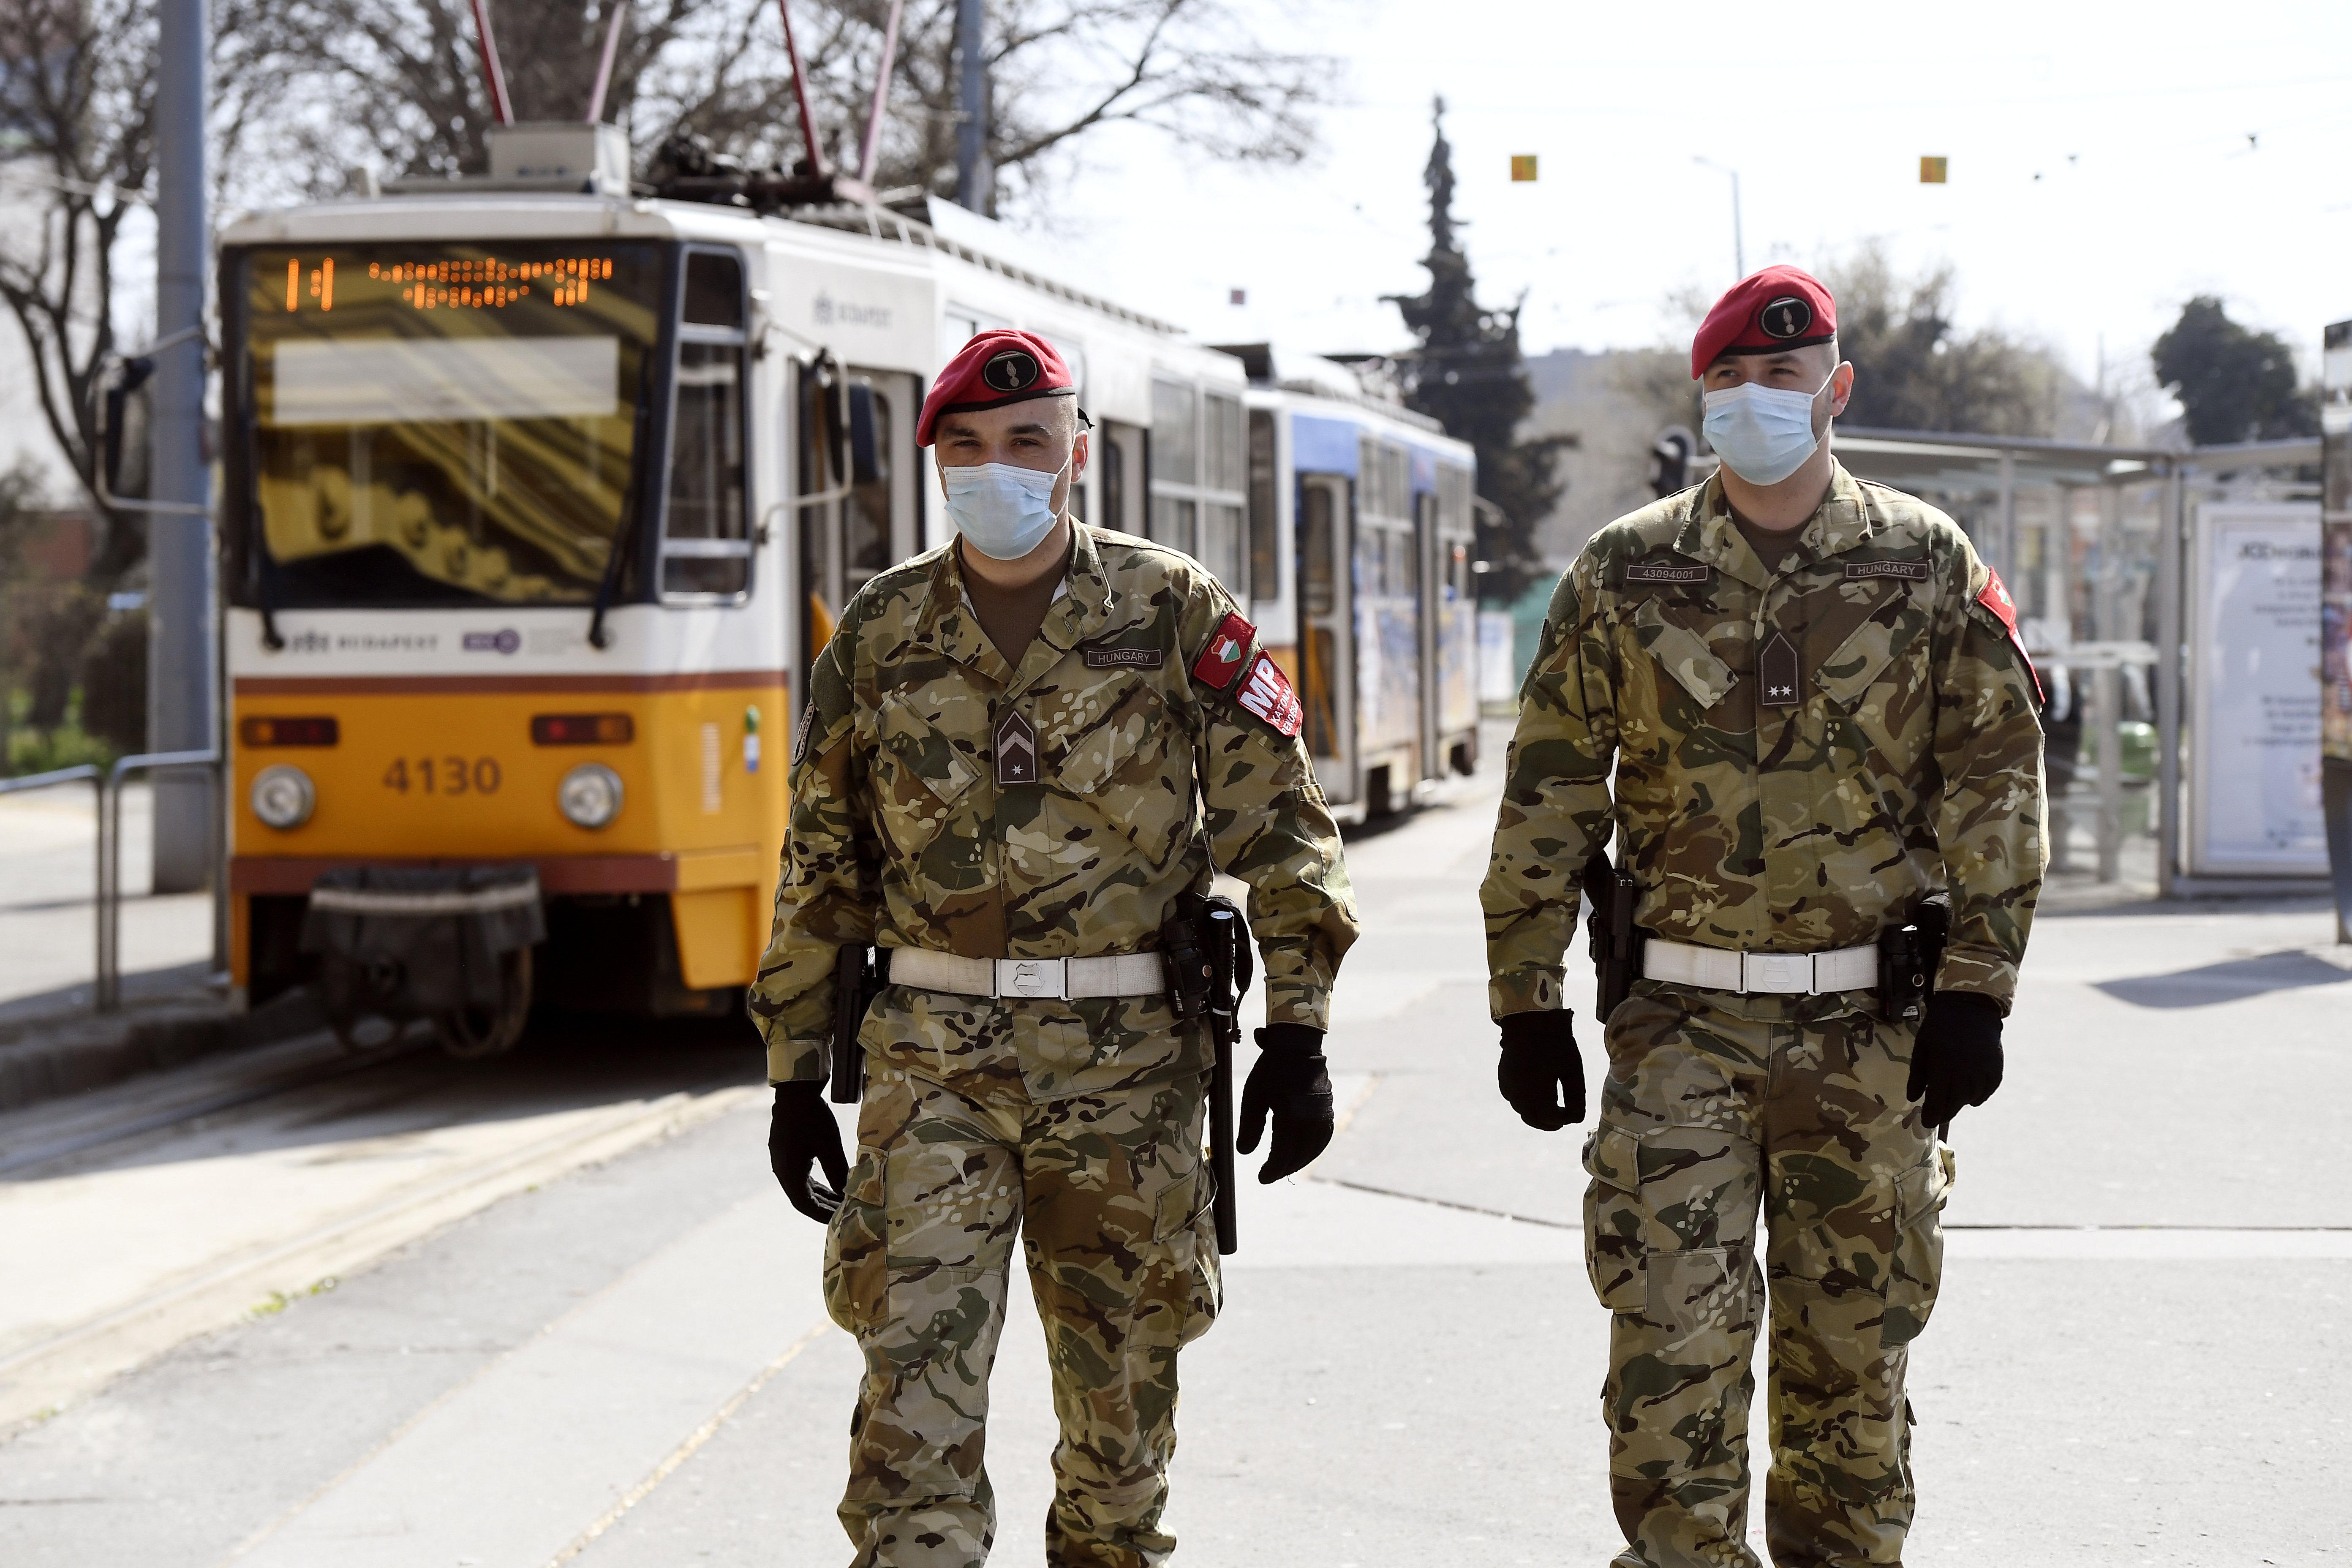 Újabb kormányrendeletek: túlórázhatnak a rendőrök, katonák, idősotthonban dolgozók